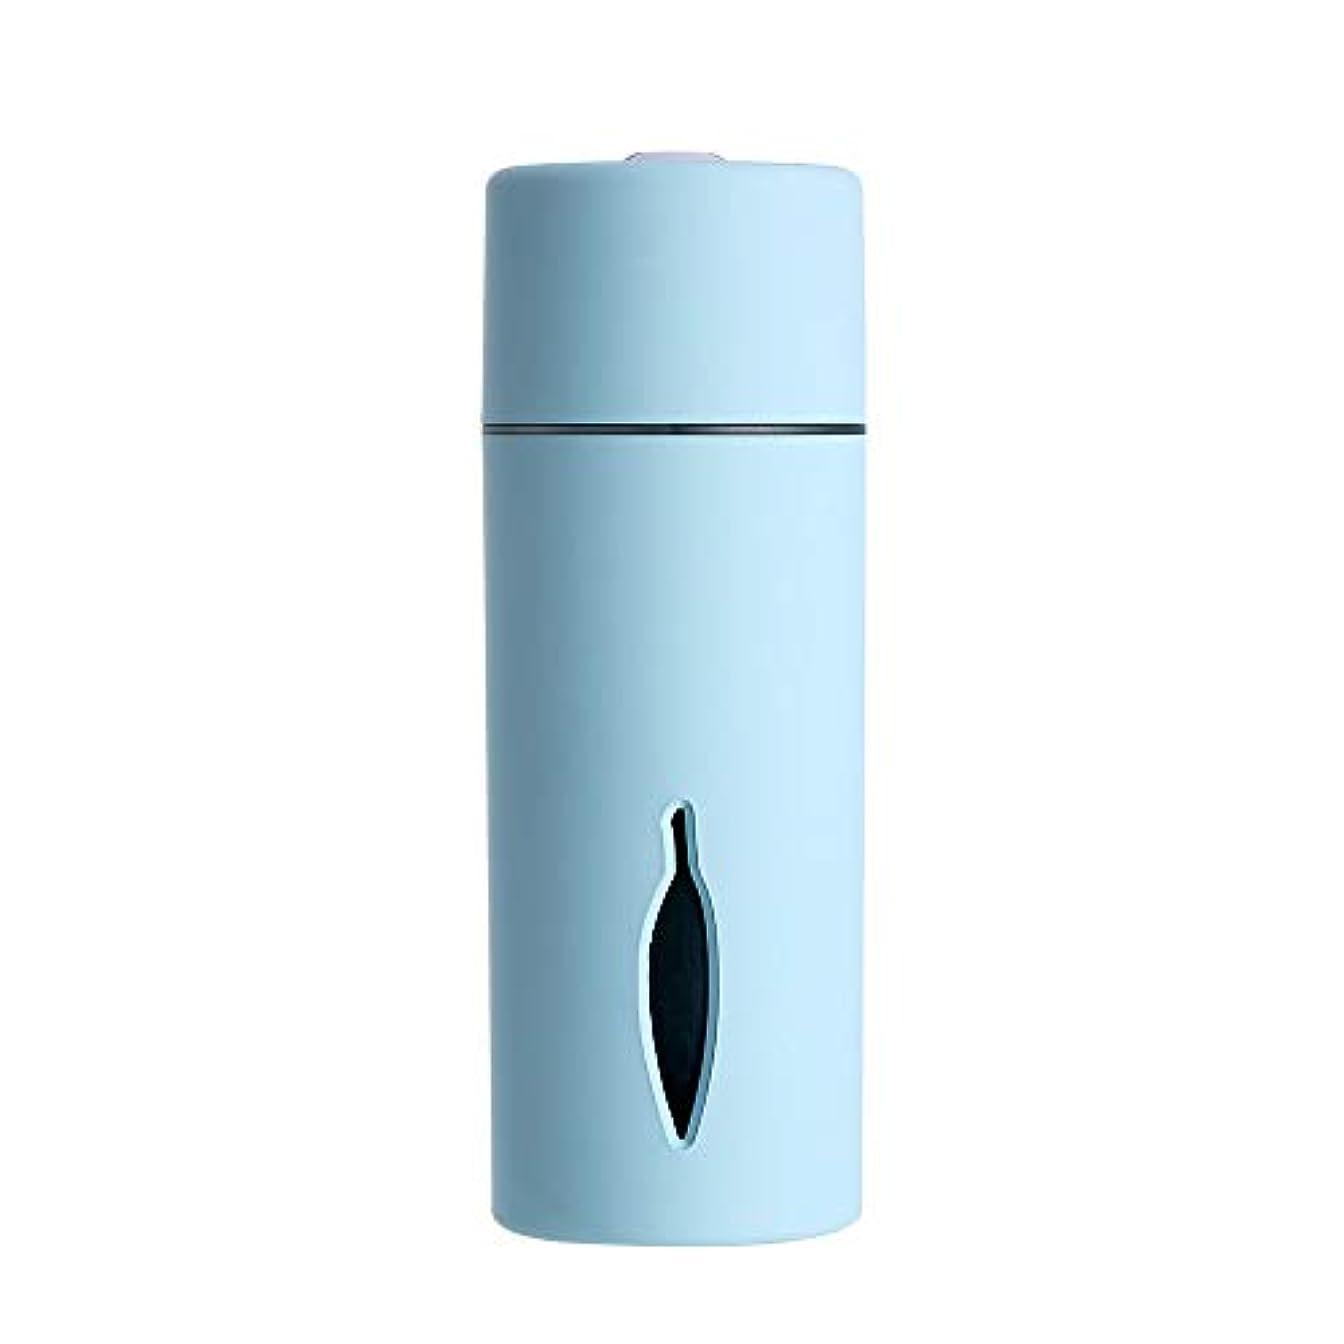 サワー喜んで鬼ごっこZXF クリエイティブ新しいカラフルな夜の光の葉加湿器usb車のミニホームスプレー楽器水道メーターブルーセクションピンク 滑らかである (色 : Blue)